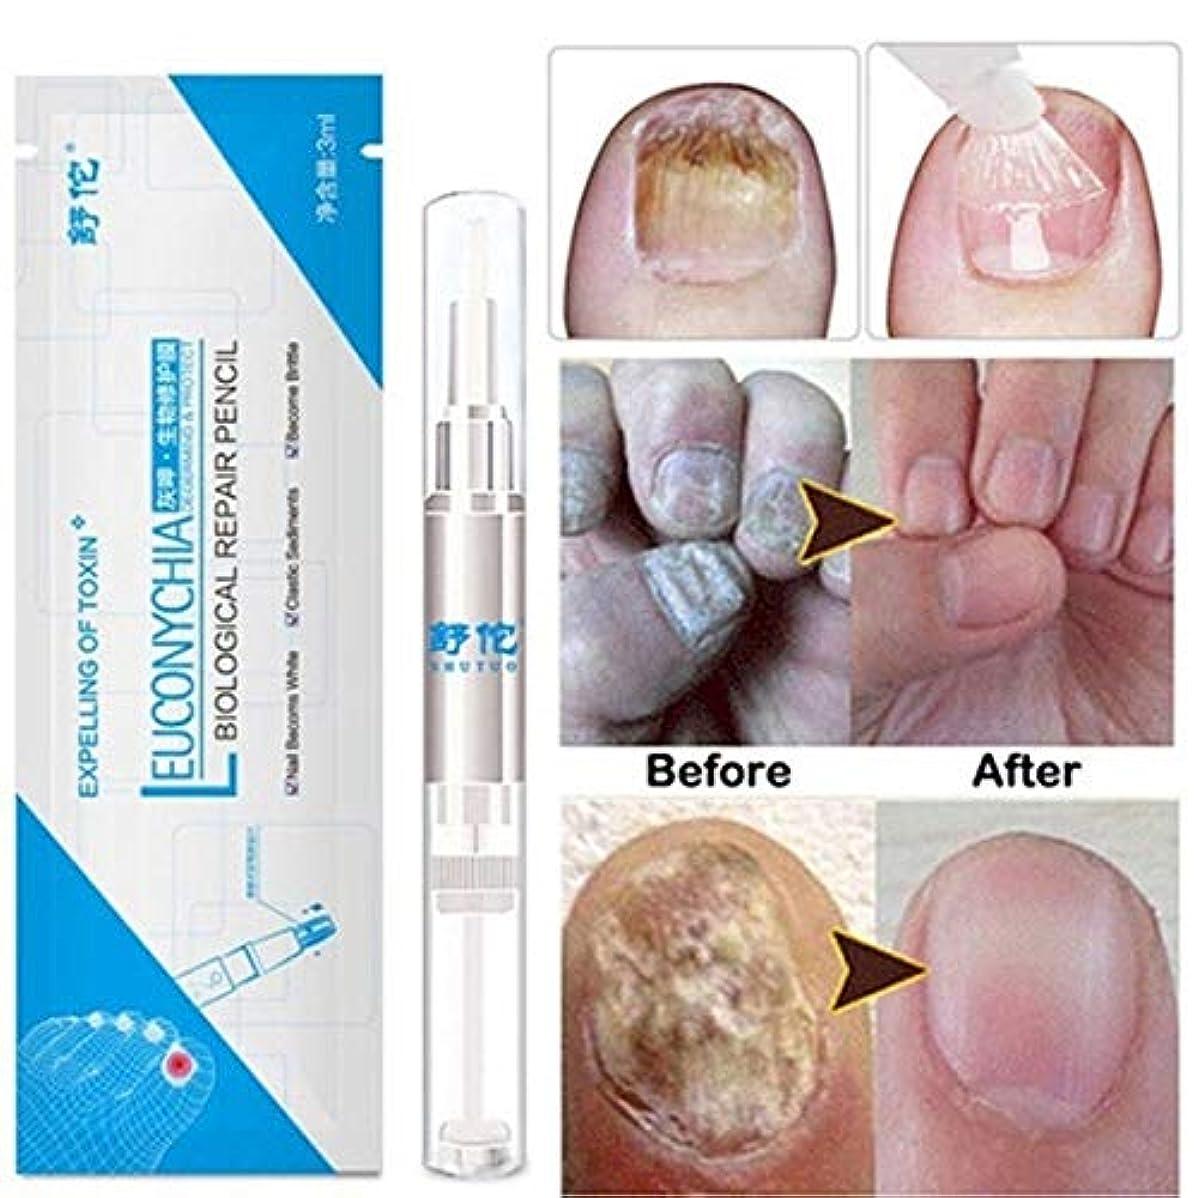 形式会計士雪zhongxinze 足の爪の真菌治療真菌の止め釘の真菌、抗真菌の足指の爪および指の解決に対して有効な最高の強度の抗真菌の爪の解決 3ml